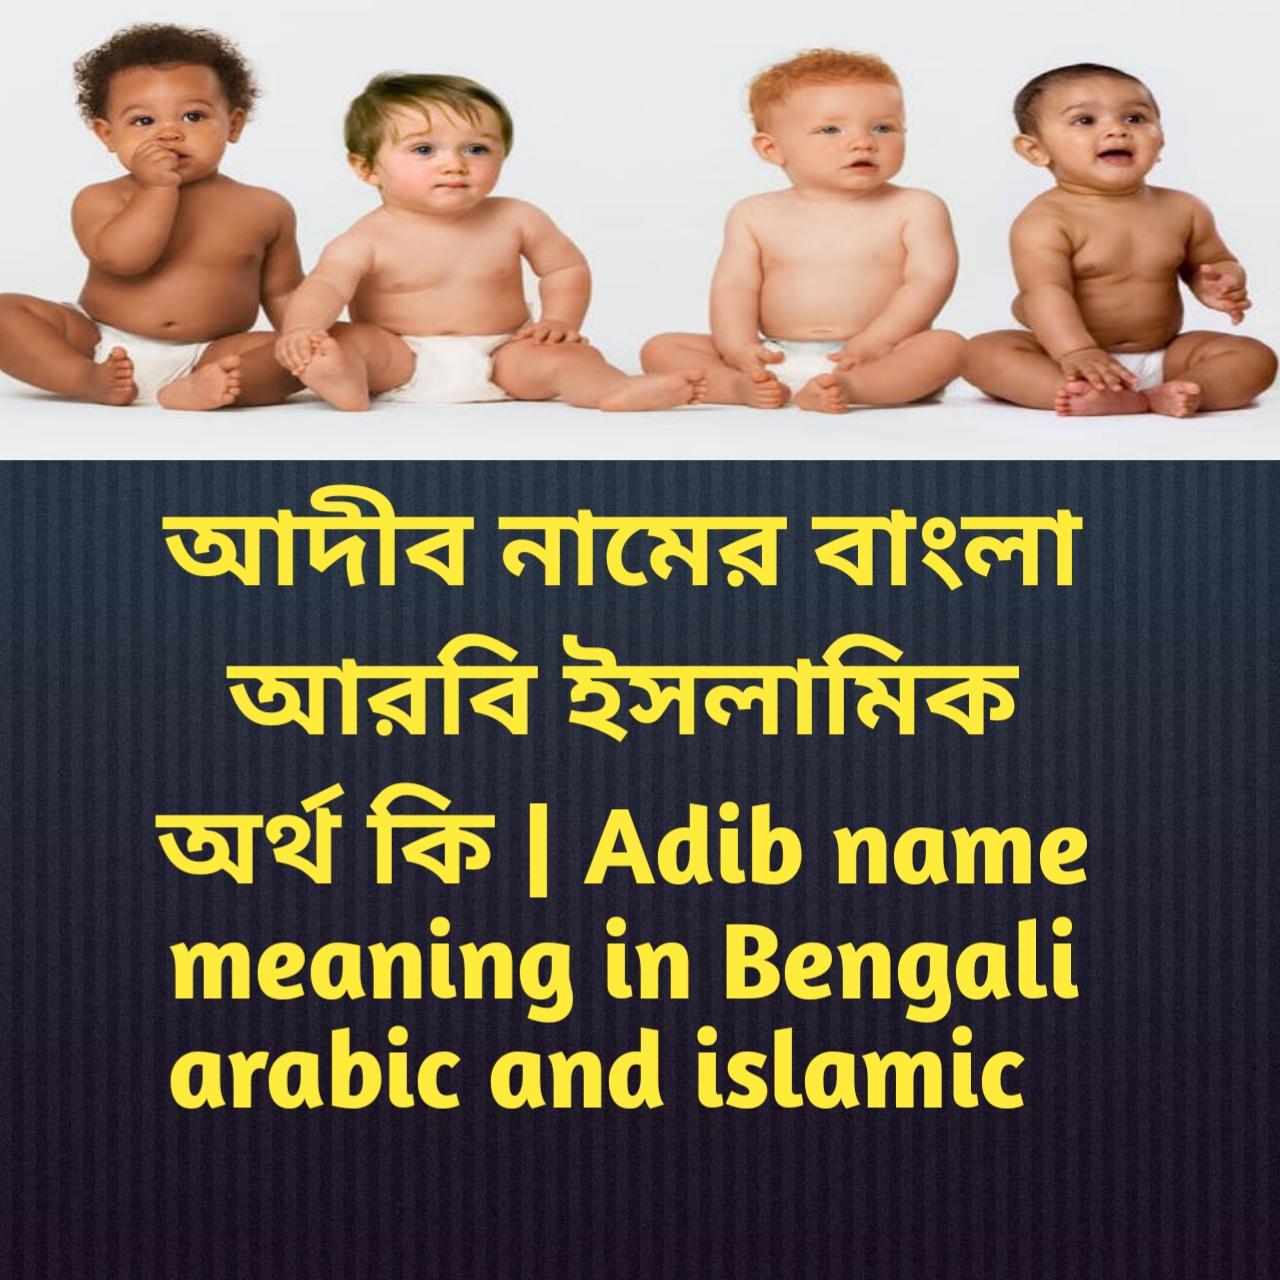 আদীব নামের অর্থ কি, আদীব নামের বাংলা অর্থ কি, আদীব নামের ইসলামিক অর্থ কি, Adib name meaning in Bengali, আদীব কি ইসলামিক নাম,